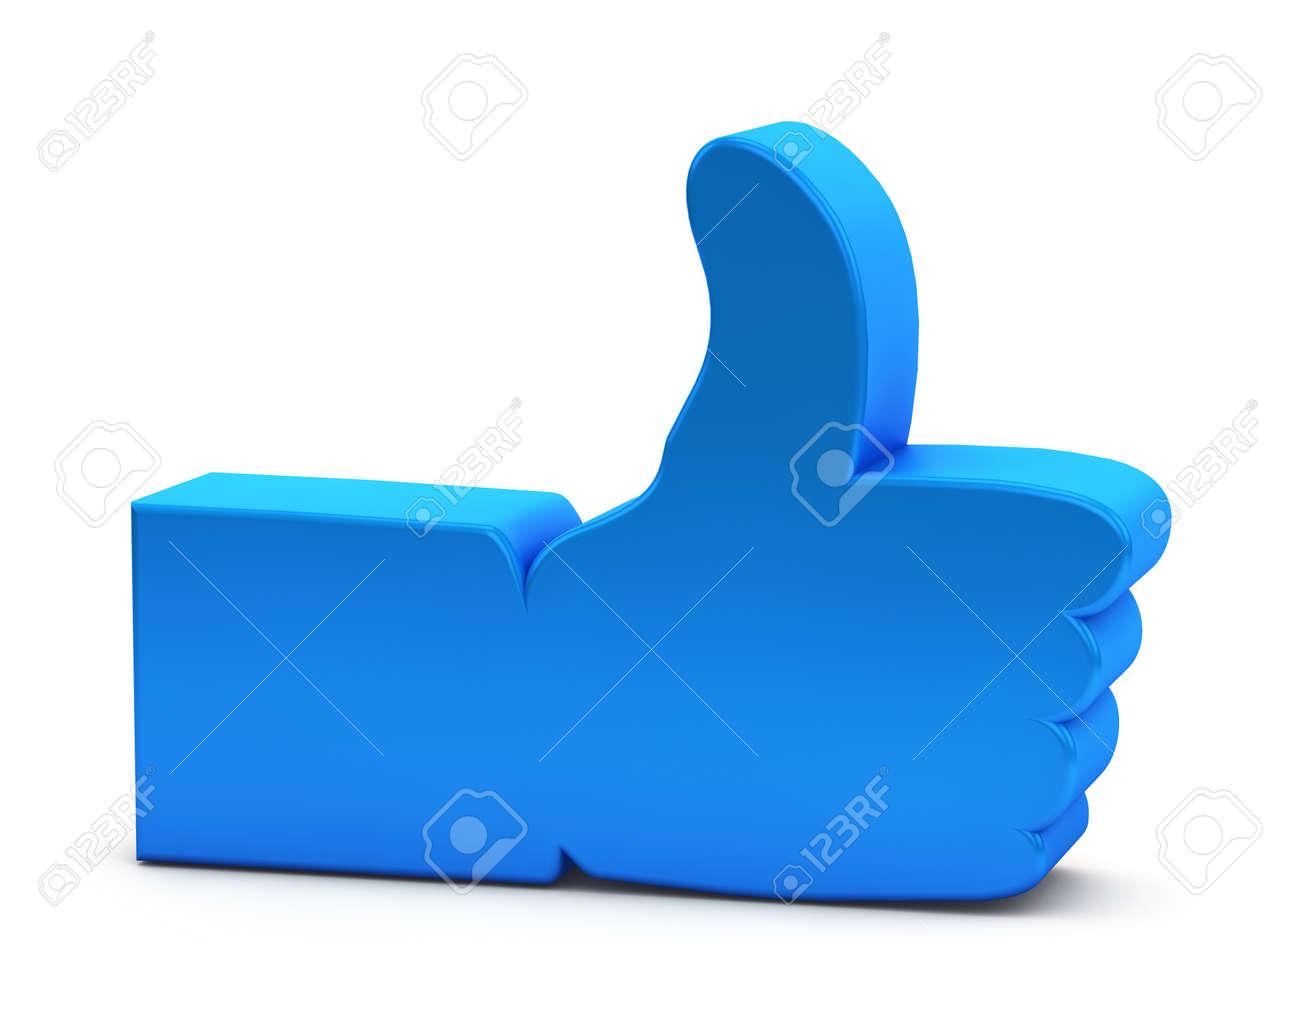 Like symbol on white background Stock Photo - 15101193